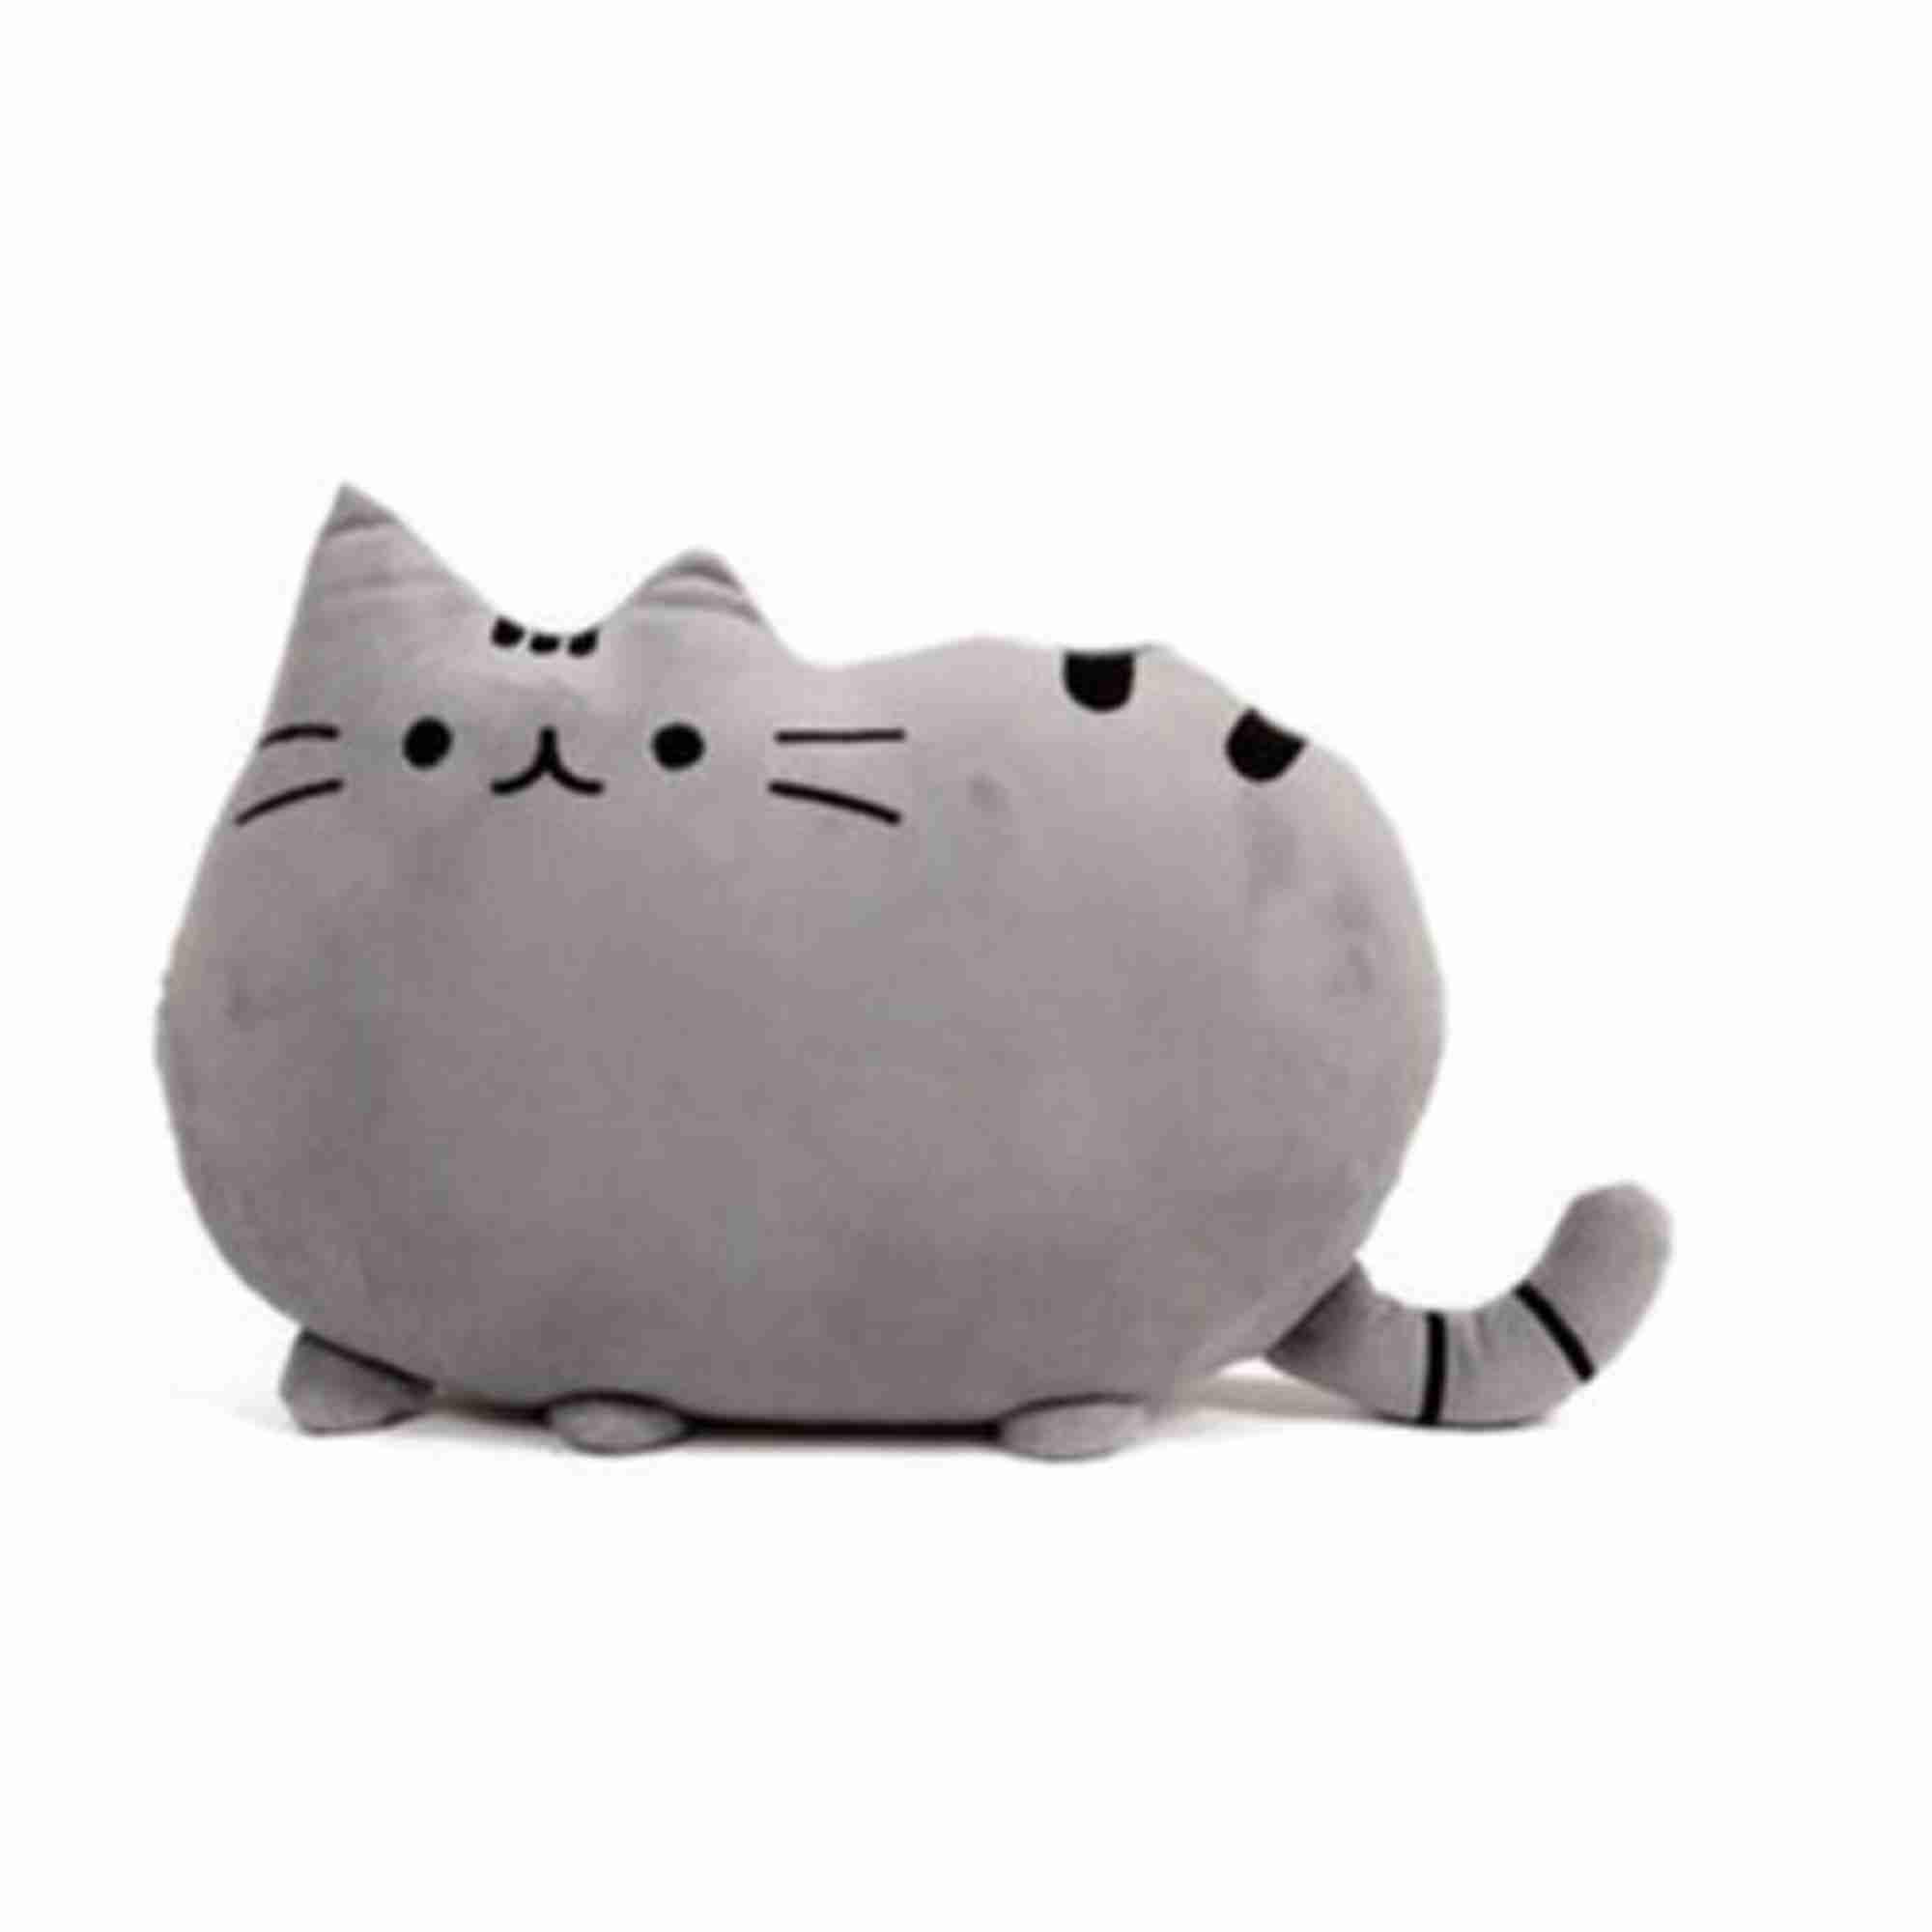 Pusheen Cat Plush Cushion - Grey